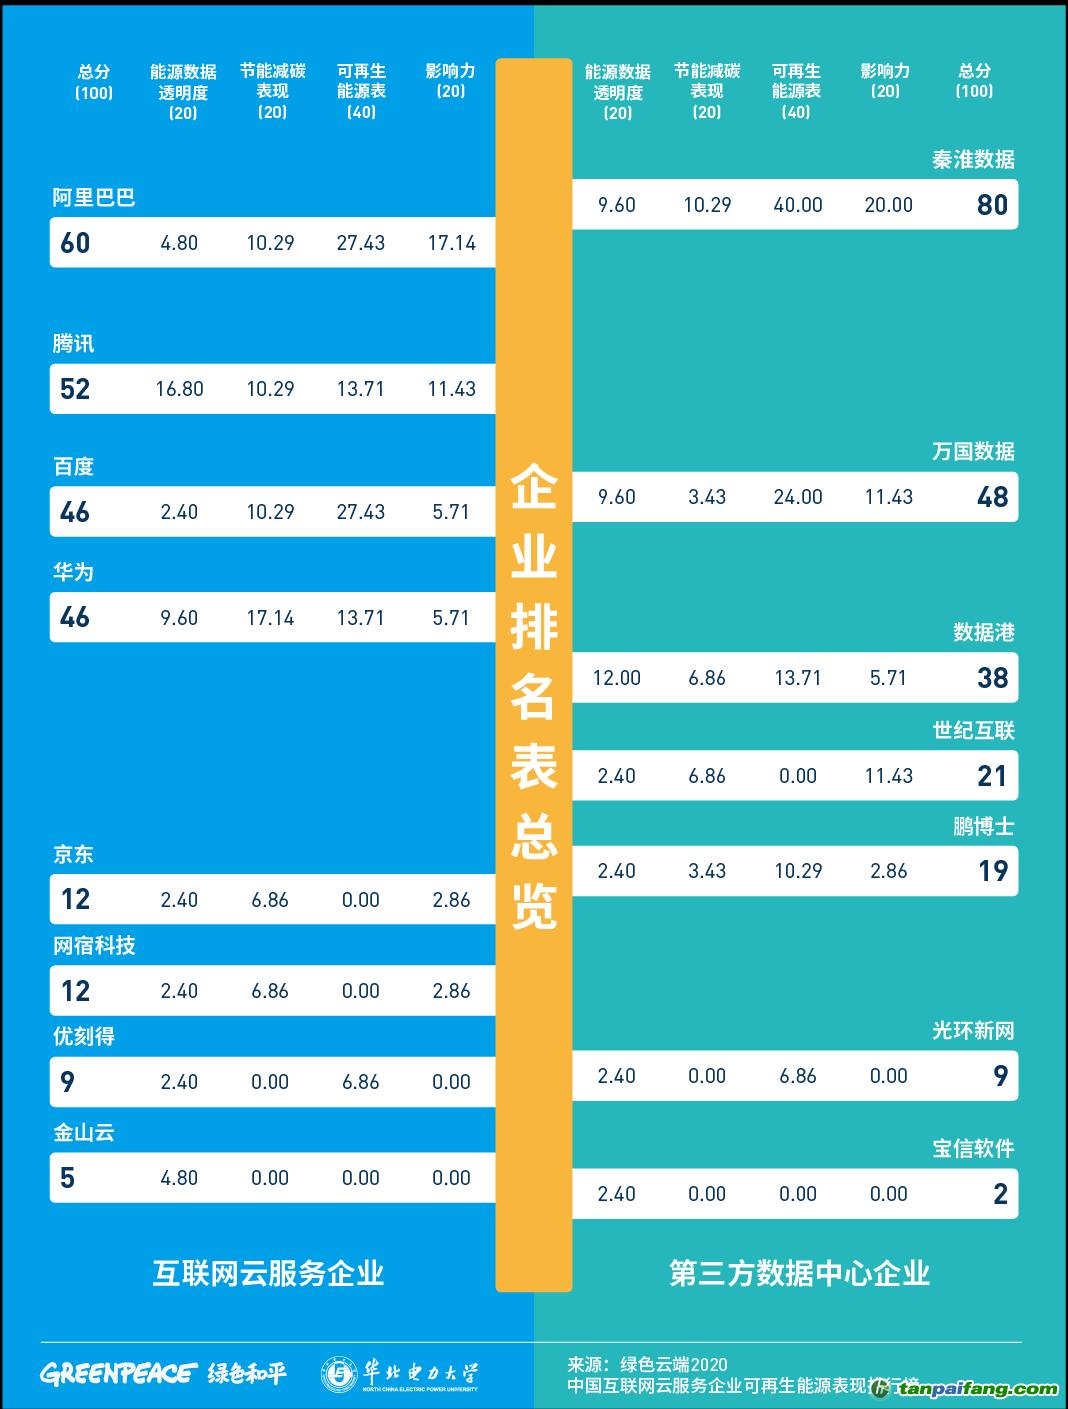 《绿色云端2020》中国互联网云服务企业可再生能源表现得分表